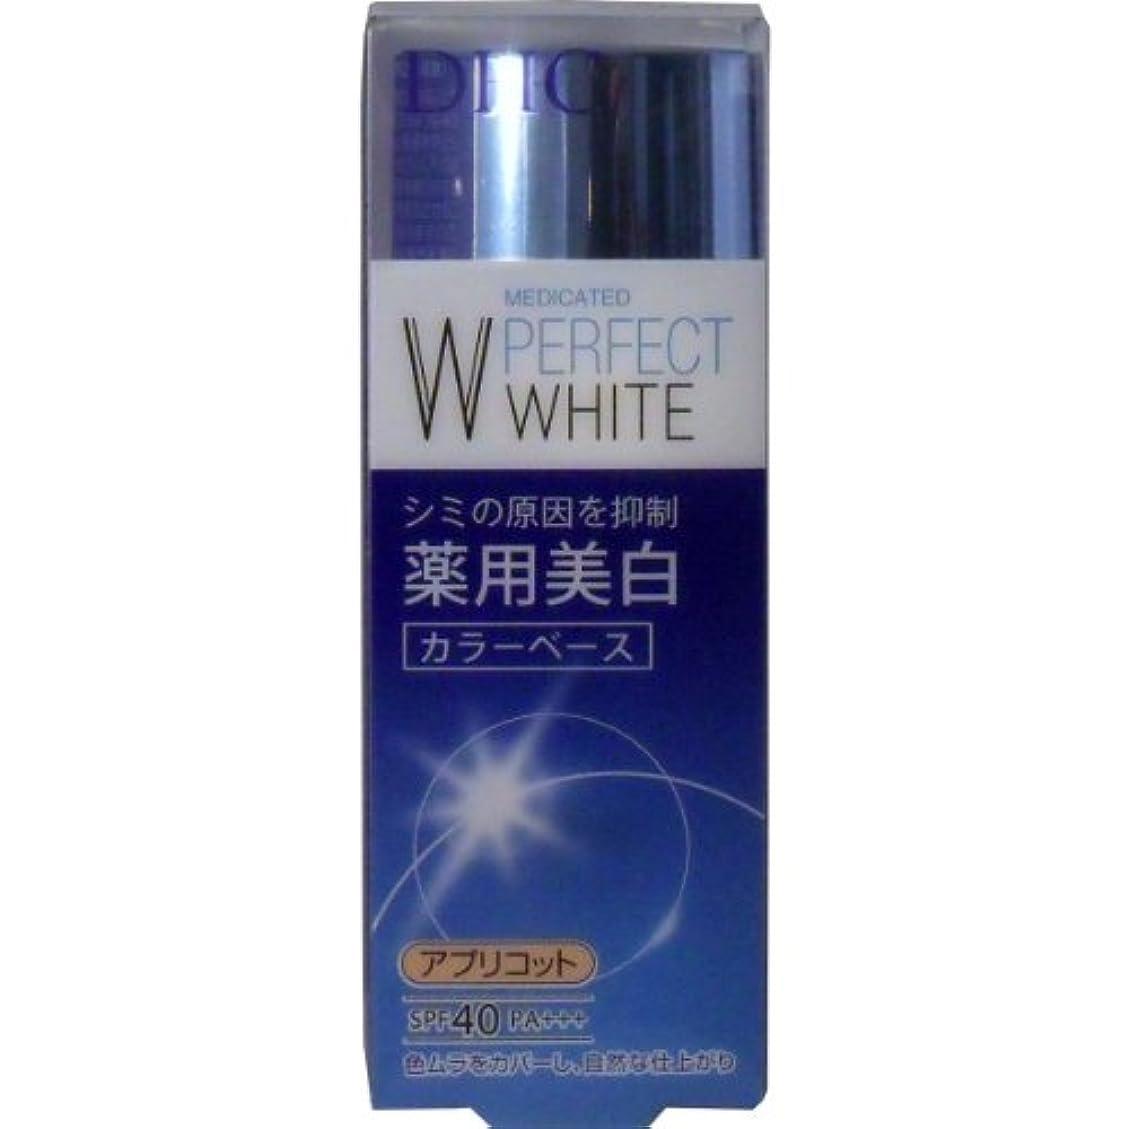 適合裁判官クレーターDHC 薬用美白パーフェクトホワイト カラーベース アプリコット 30g (商品内訳:単品1個)